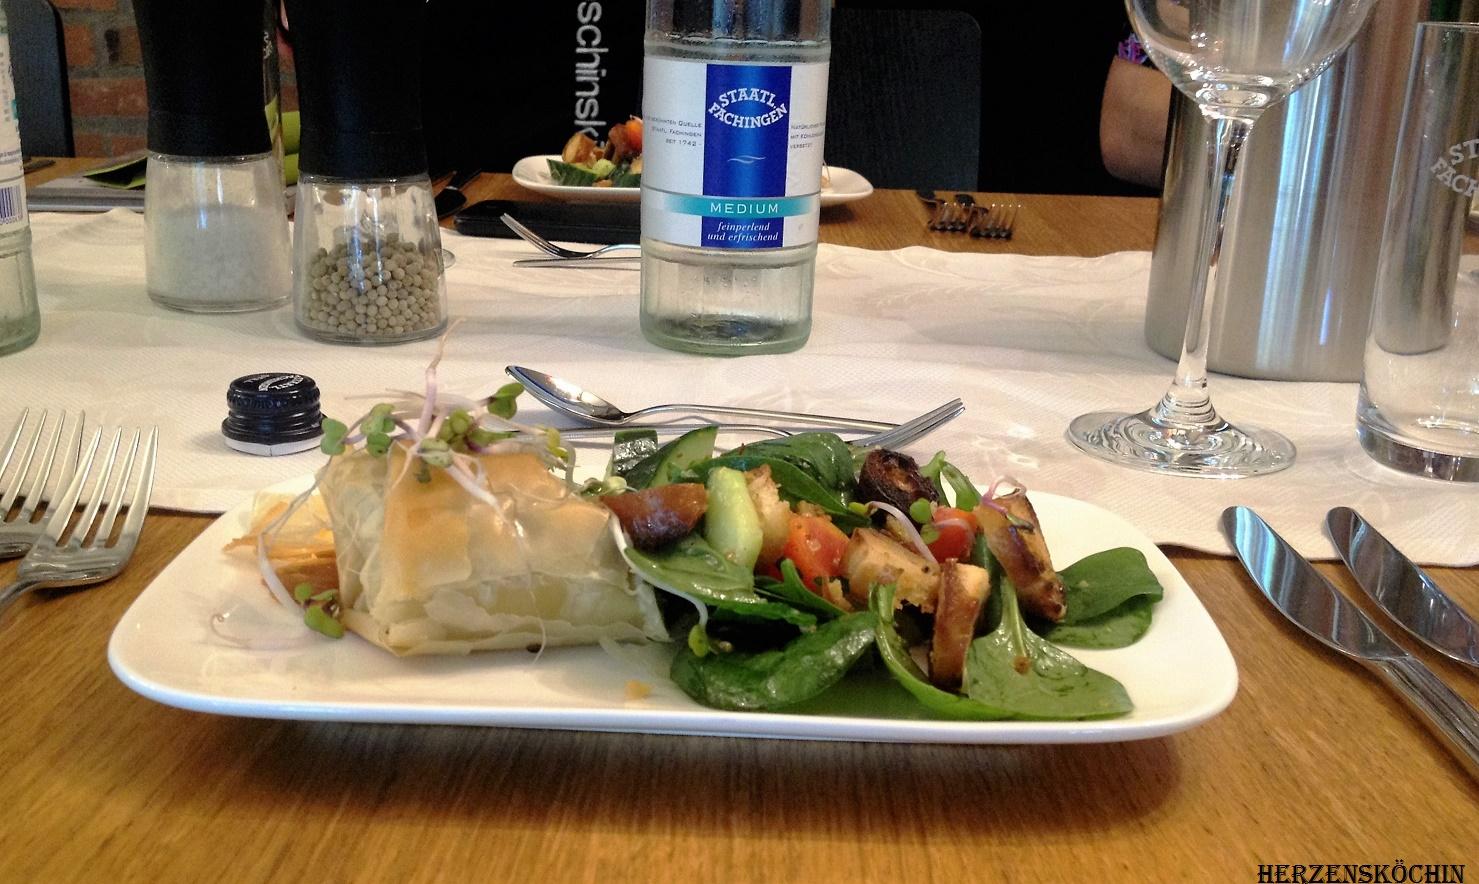 veganer-sauerkraut-strudel-in-ffm